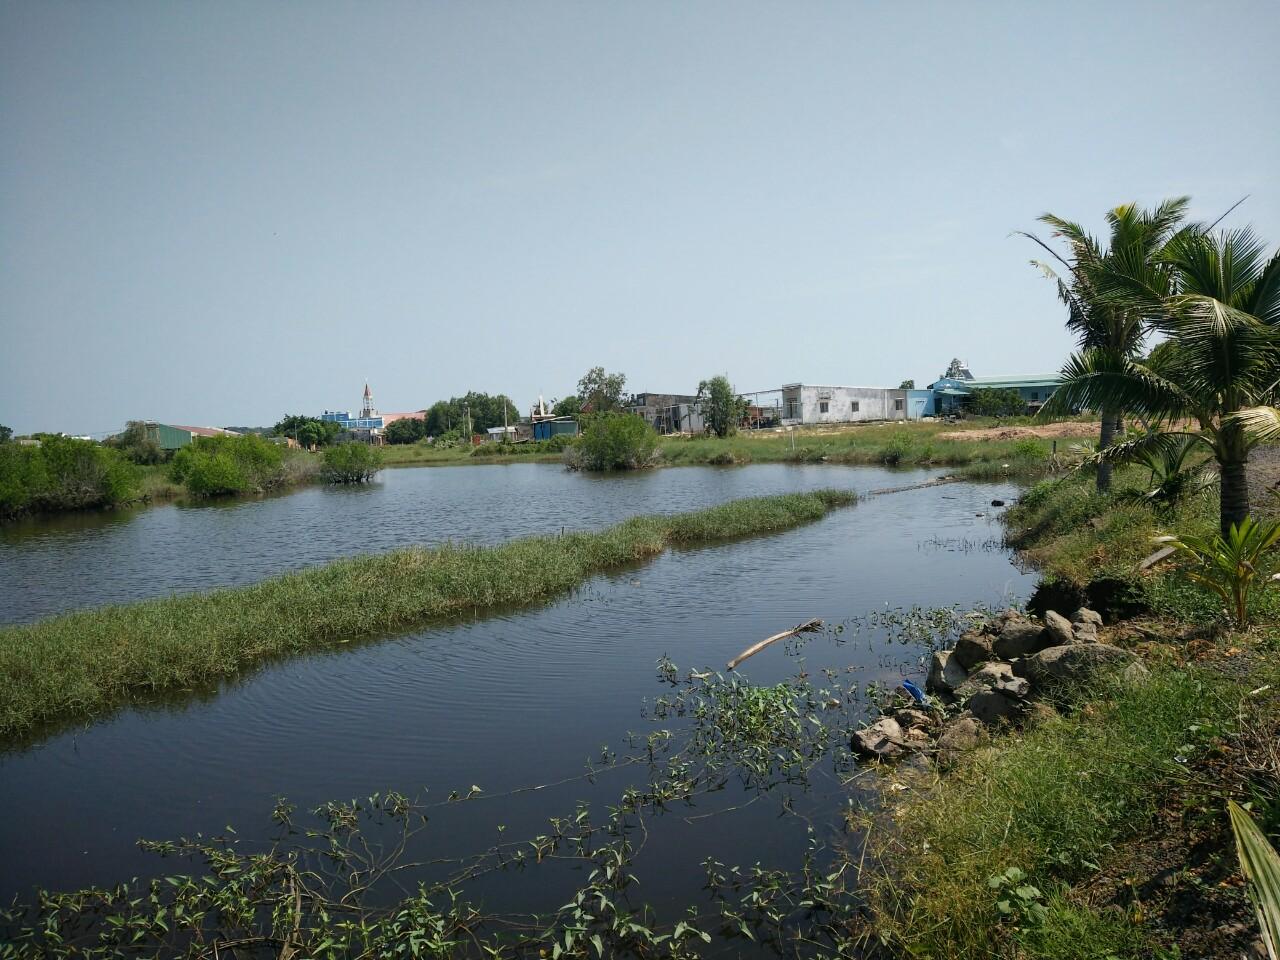 bất động sản ven biển - đầu tư đất nền ven biển